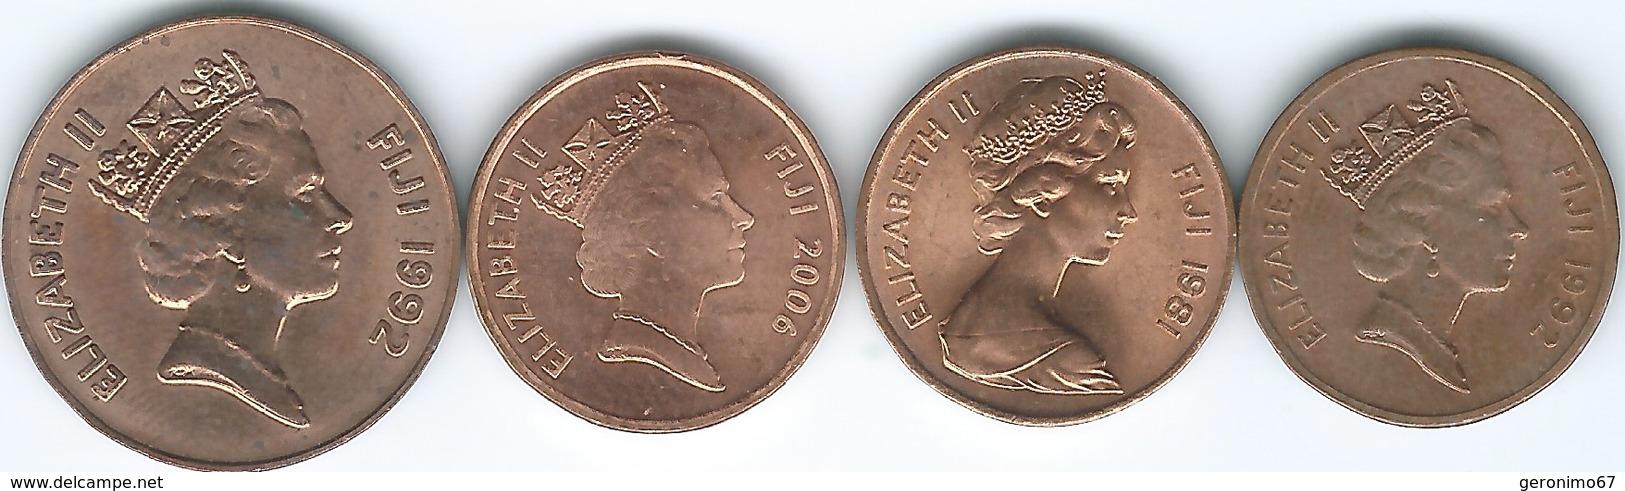 Fiji - 1 Cent - 1981 (KM39); 1992 (KM49a); 2006 (KM49b); 2 Cents - 1992 (KM50a) - Fiji